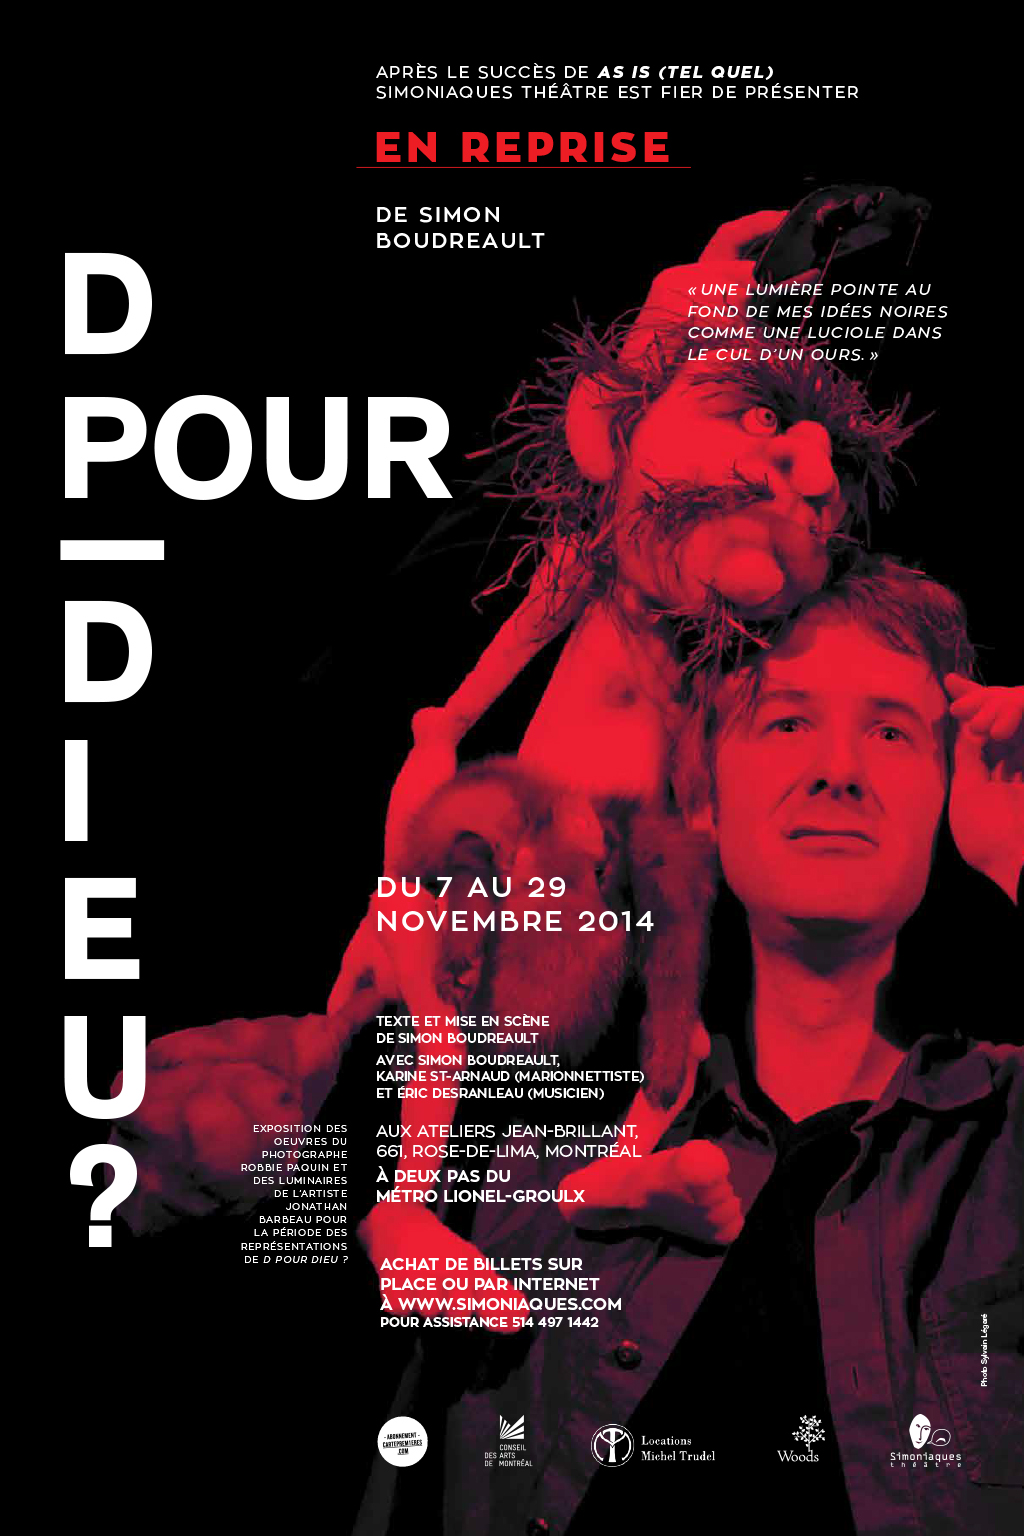 DpourDieu2014_poster